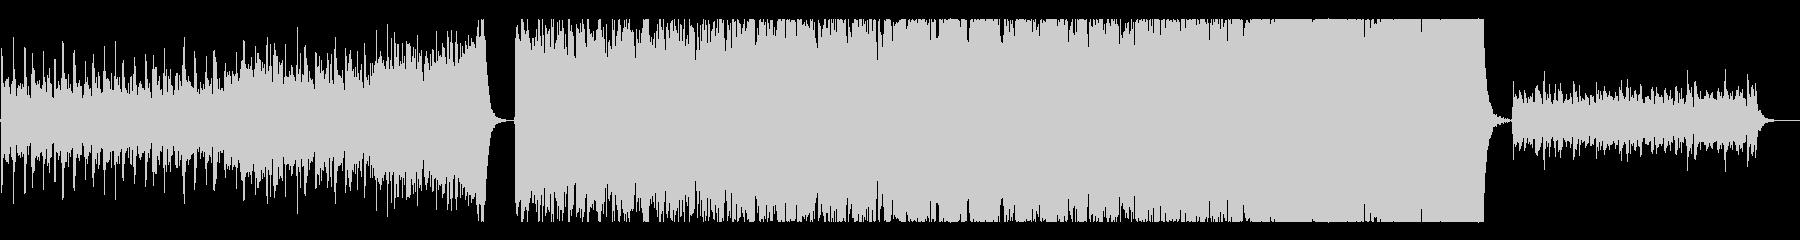 エピック/激しい勇ましい系オーケストラの未再生の波形